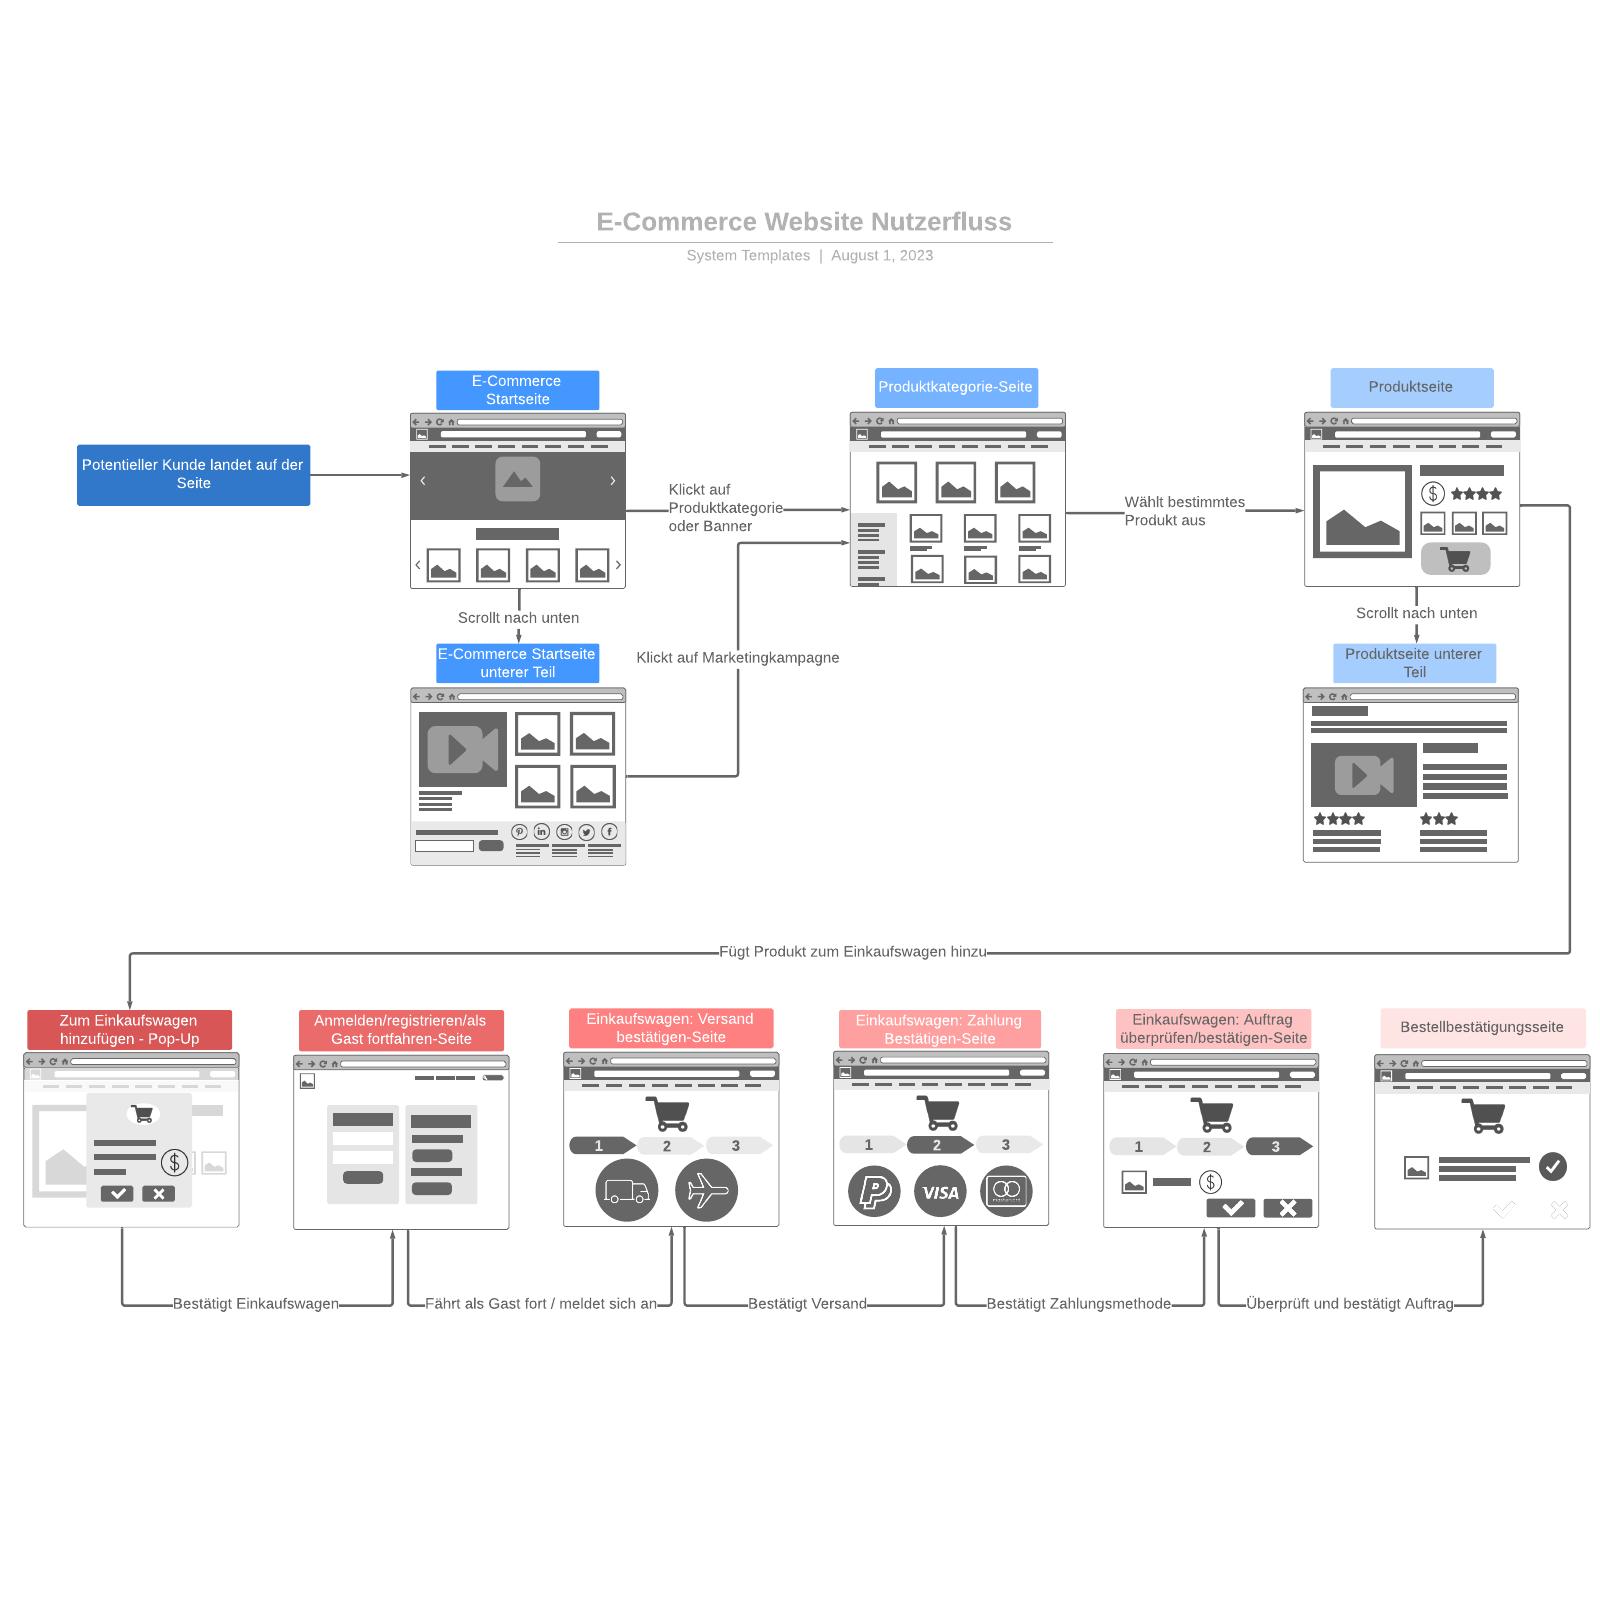 E-Commerce Website Nutzerfluss Wireframe Beispiel